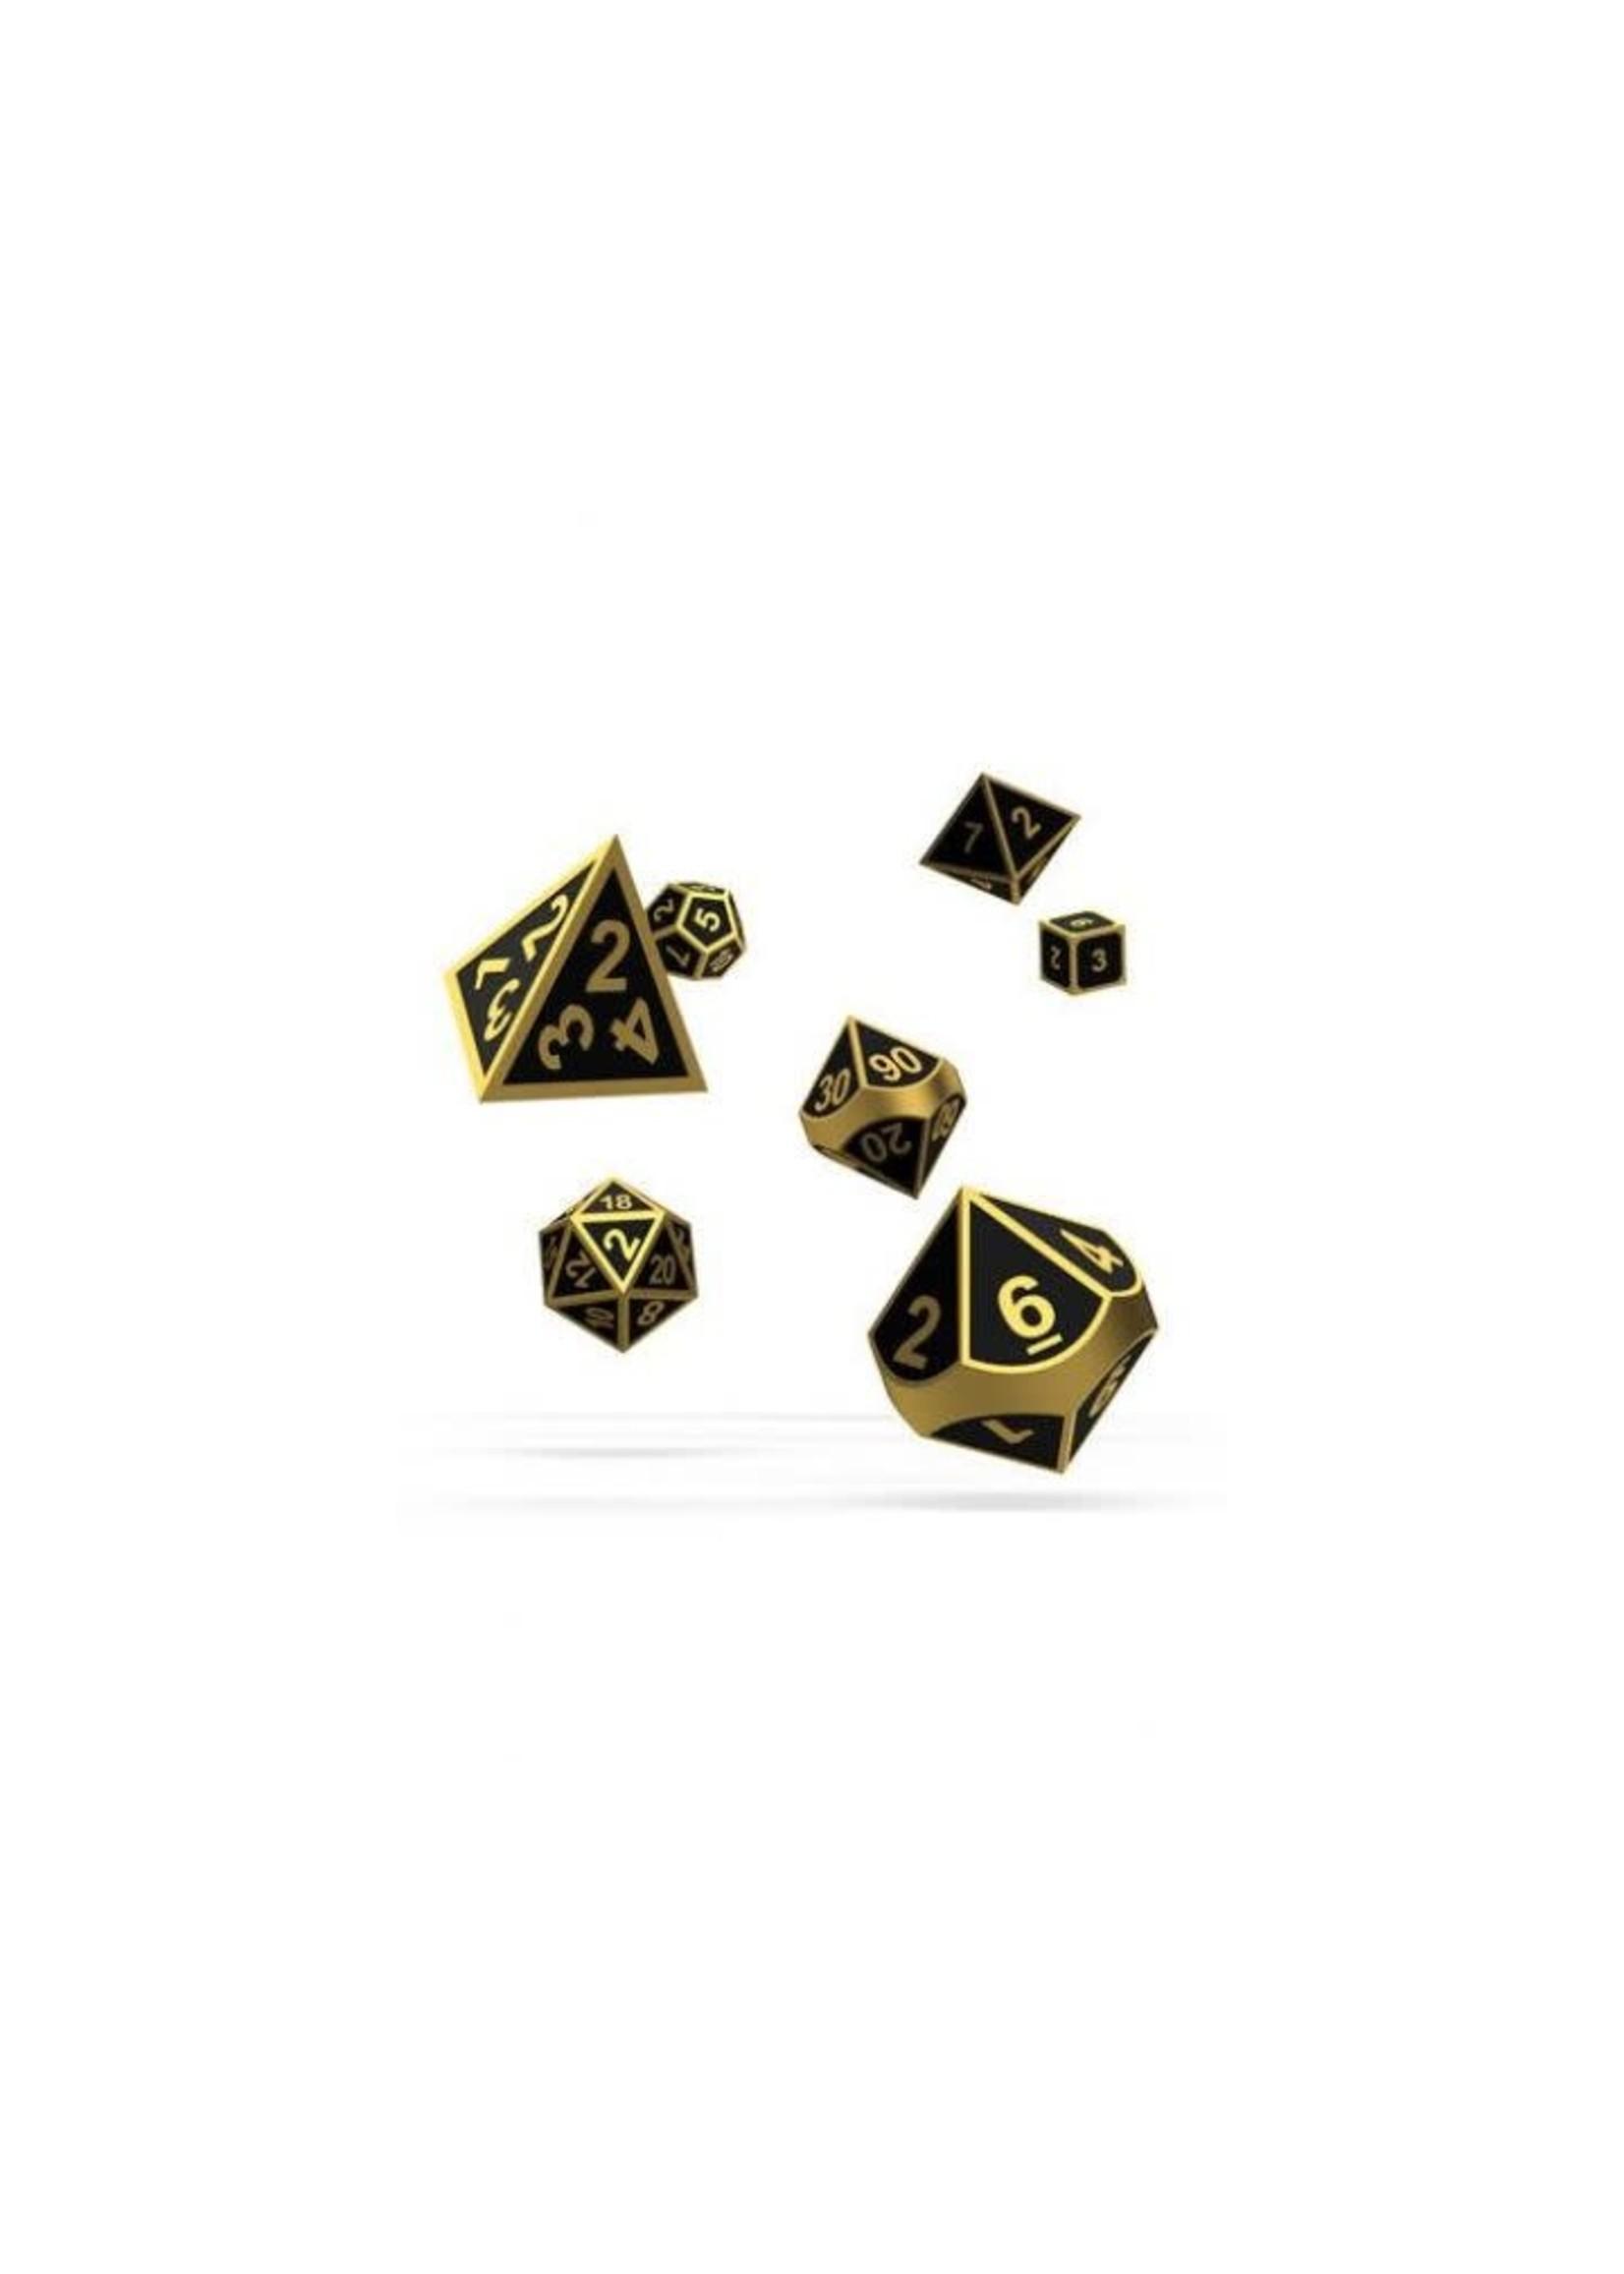 Oakie Doakie Dice Rpg Set Metal Dice - Alchemy Gold